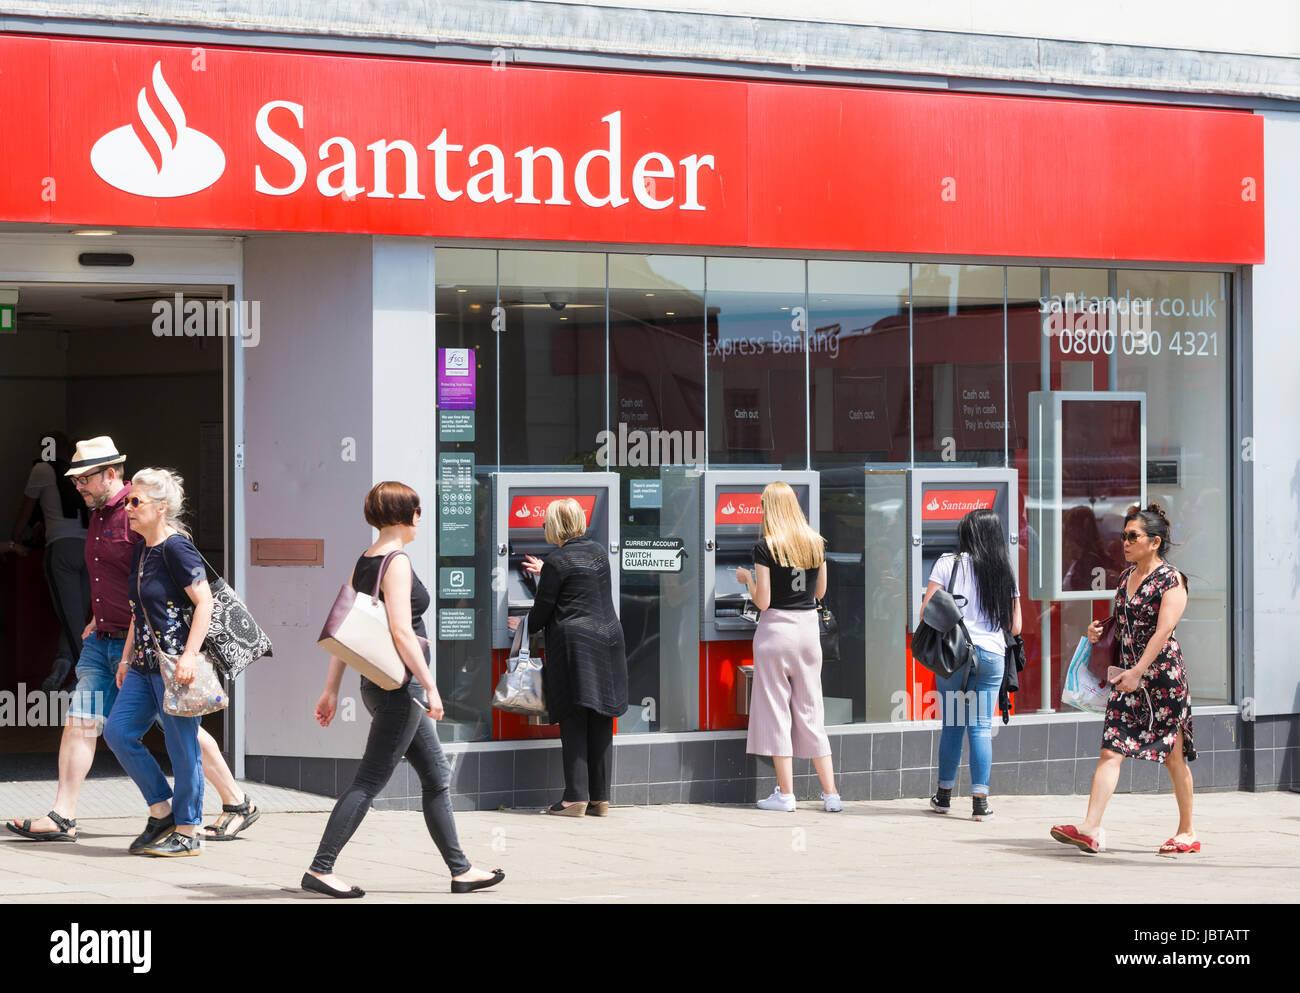 Dans une banque Santander UK high street avec les gens à l'aide de distributeurs automatiques. Banque D'Images